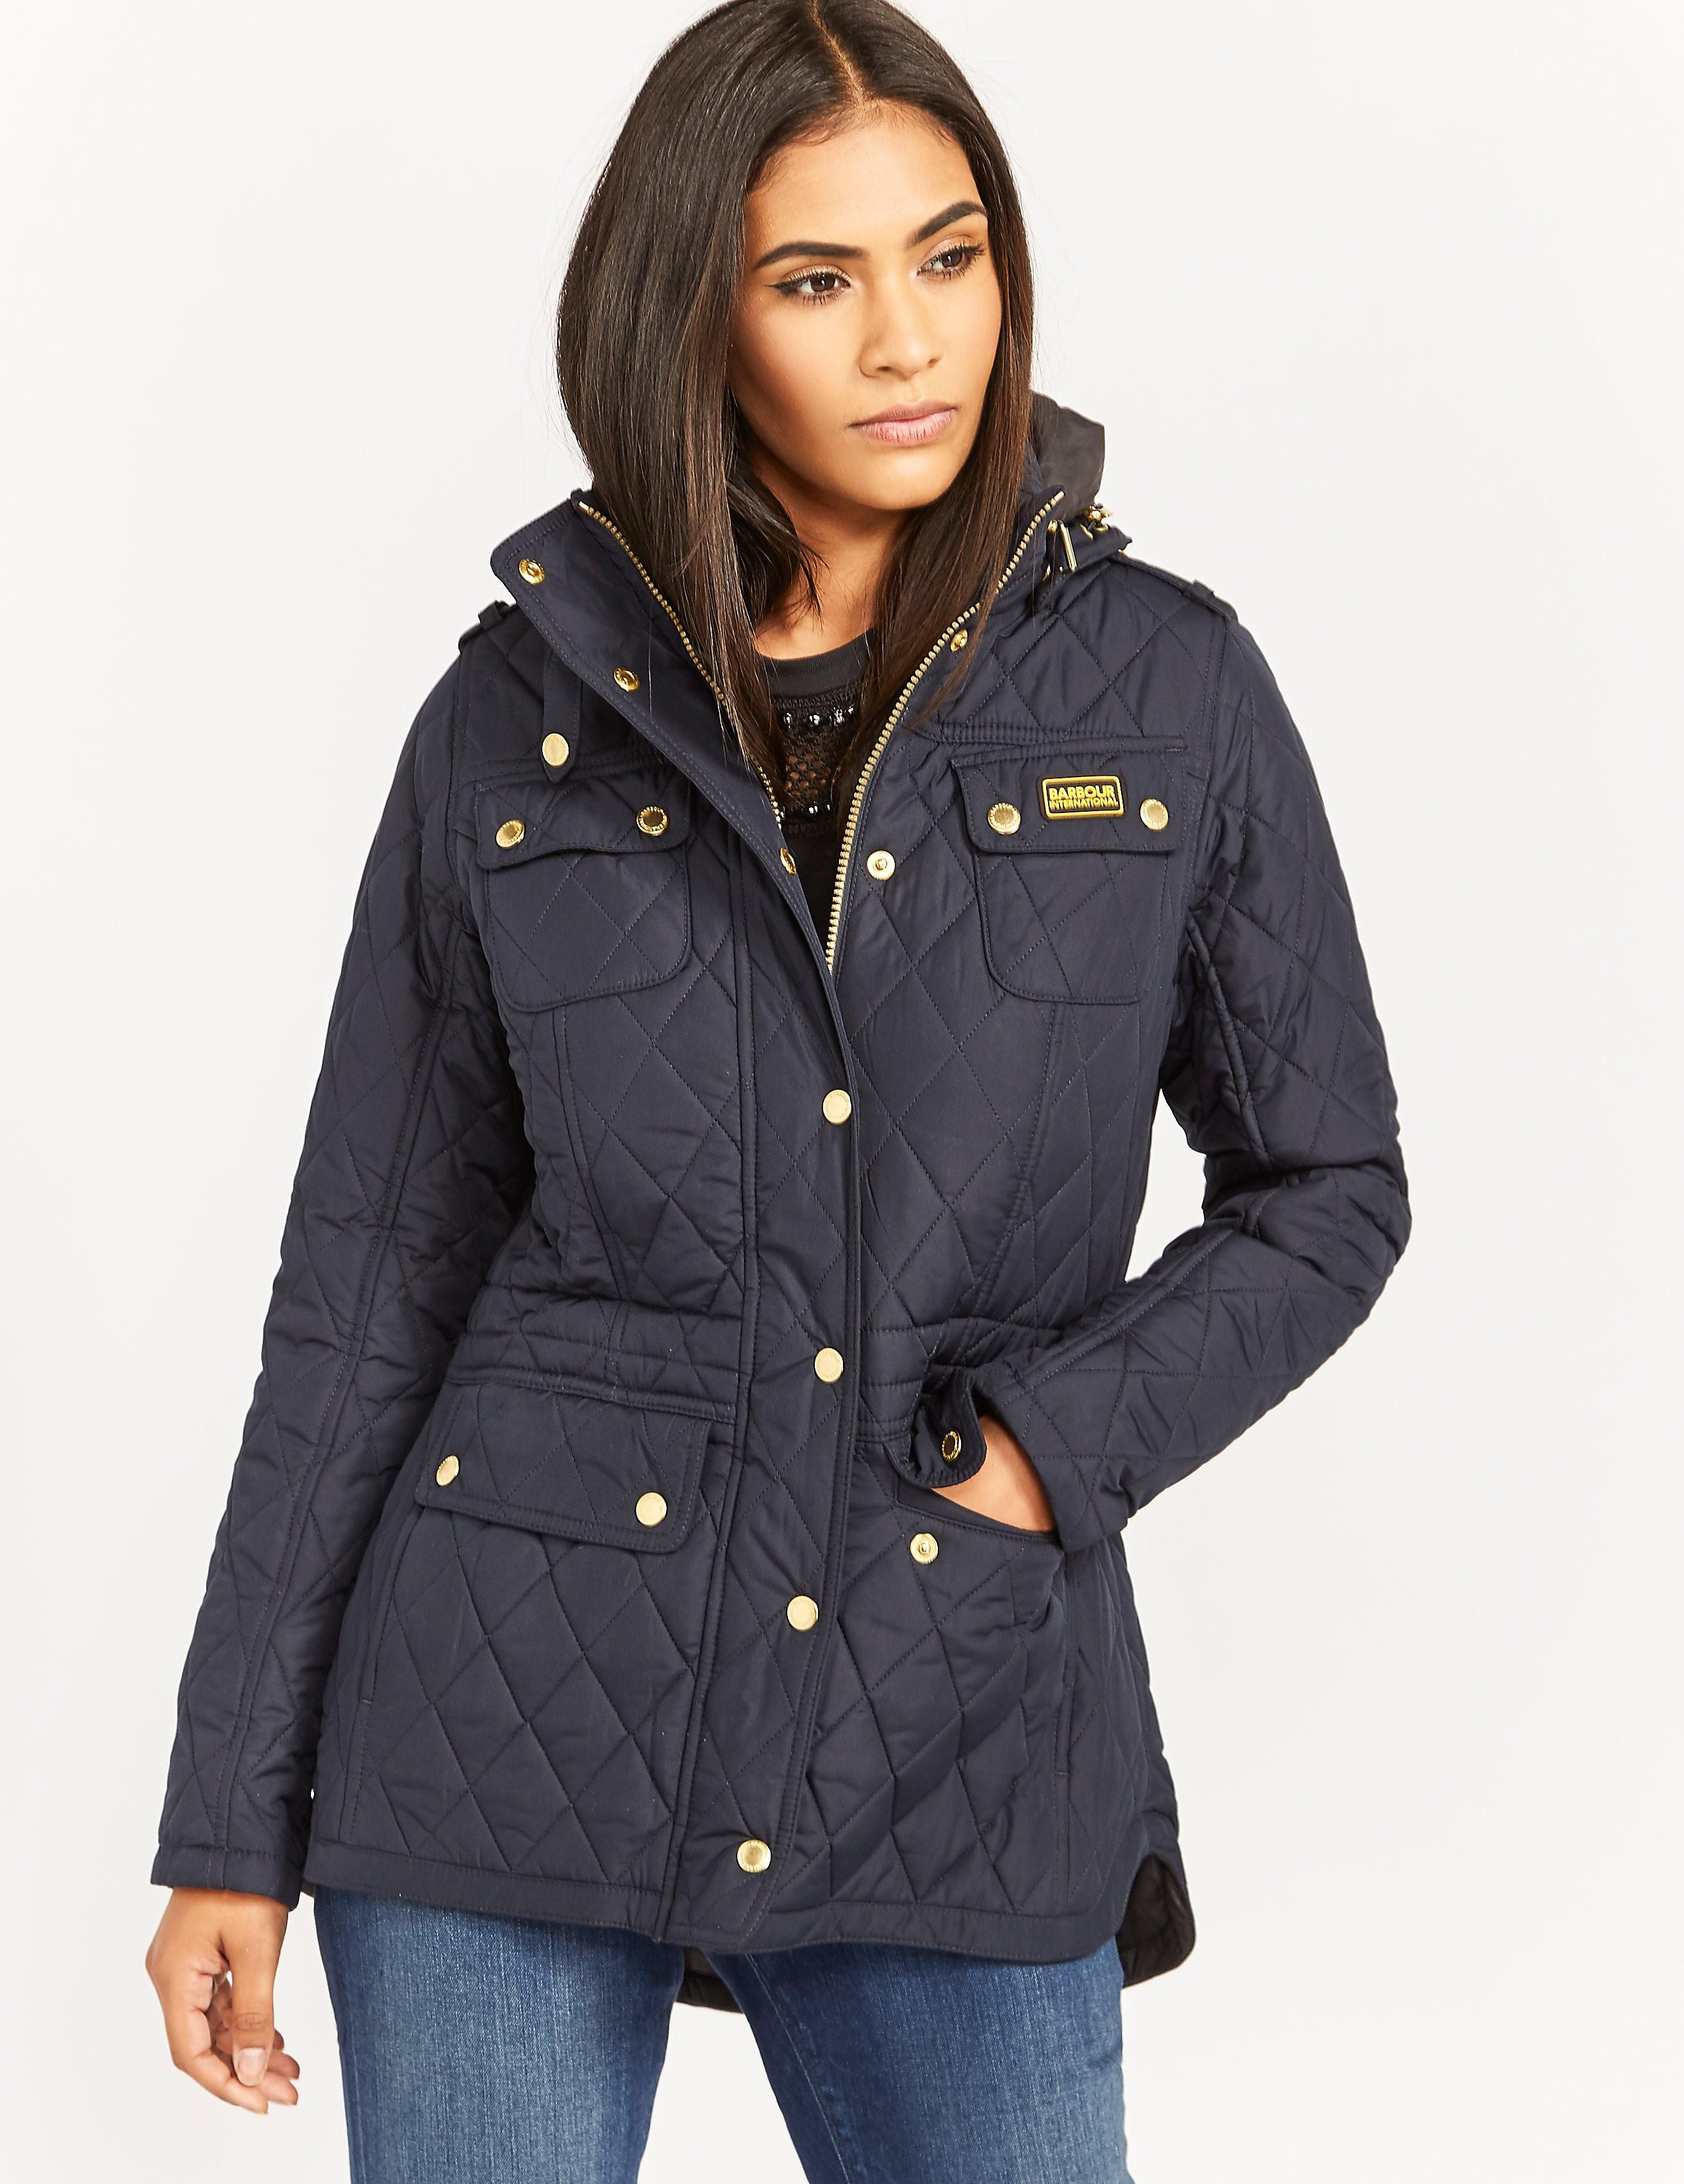 Barbour International Absorber Parka Jacket